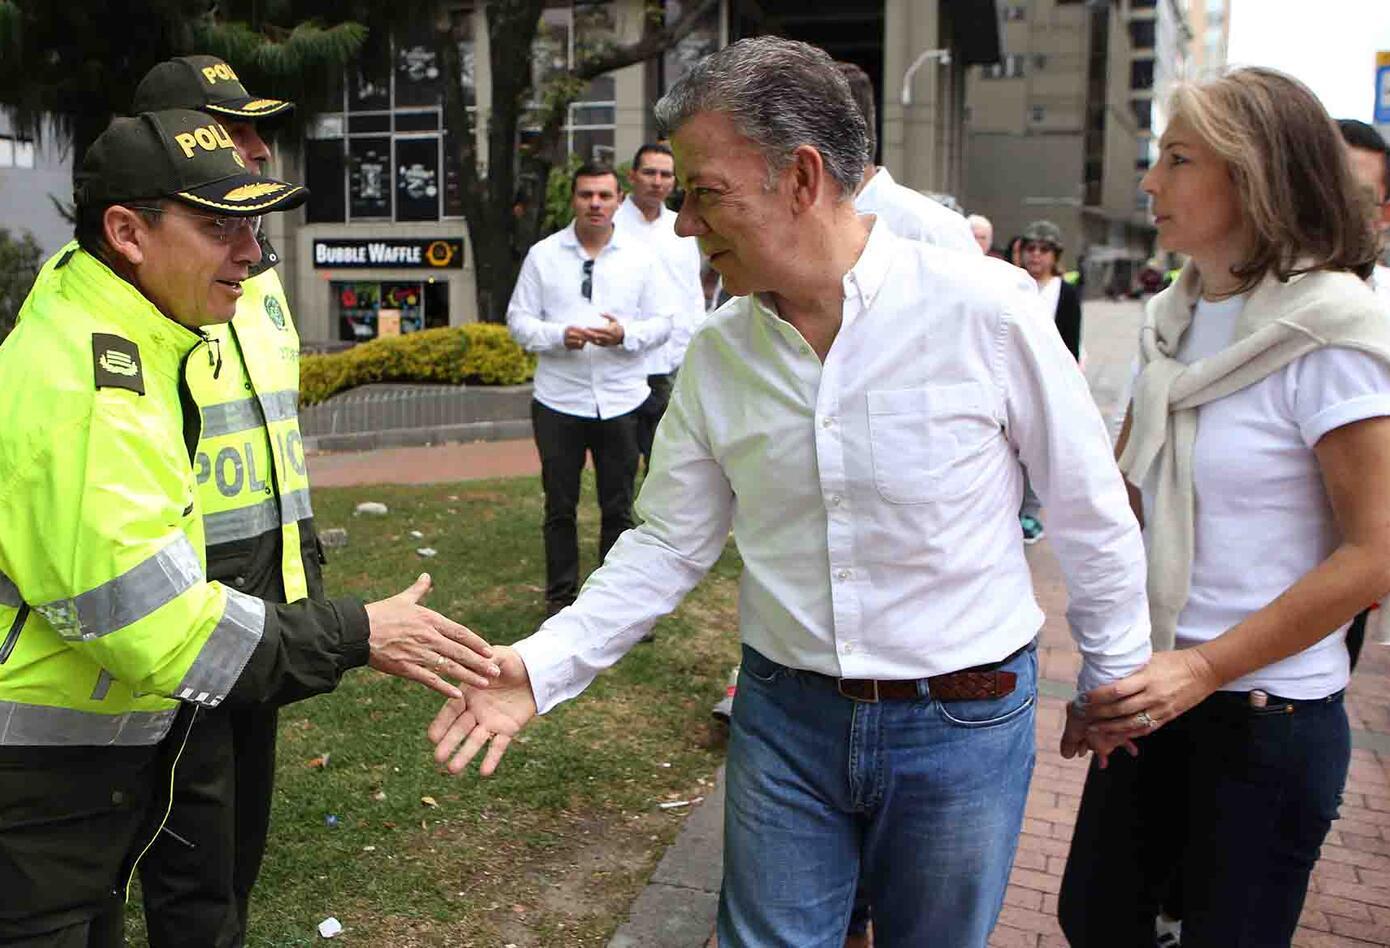 El expresidente Juan Manuel Santos, uno de los marchantes contra el terrorismo, también saludó a varios policías.